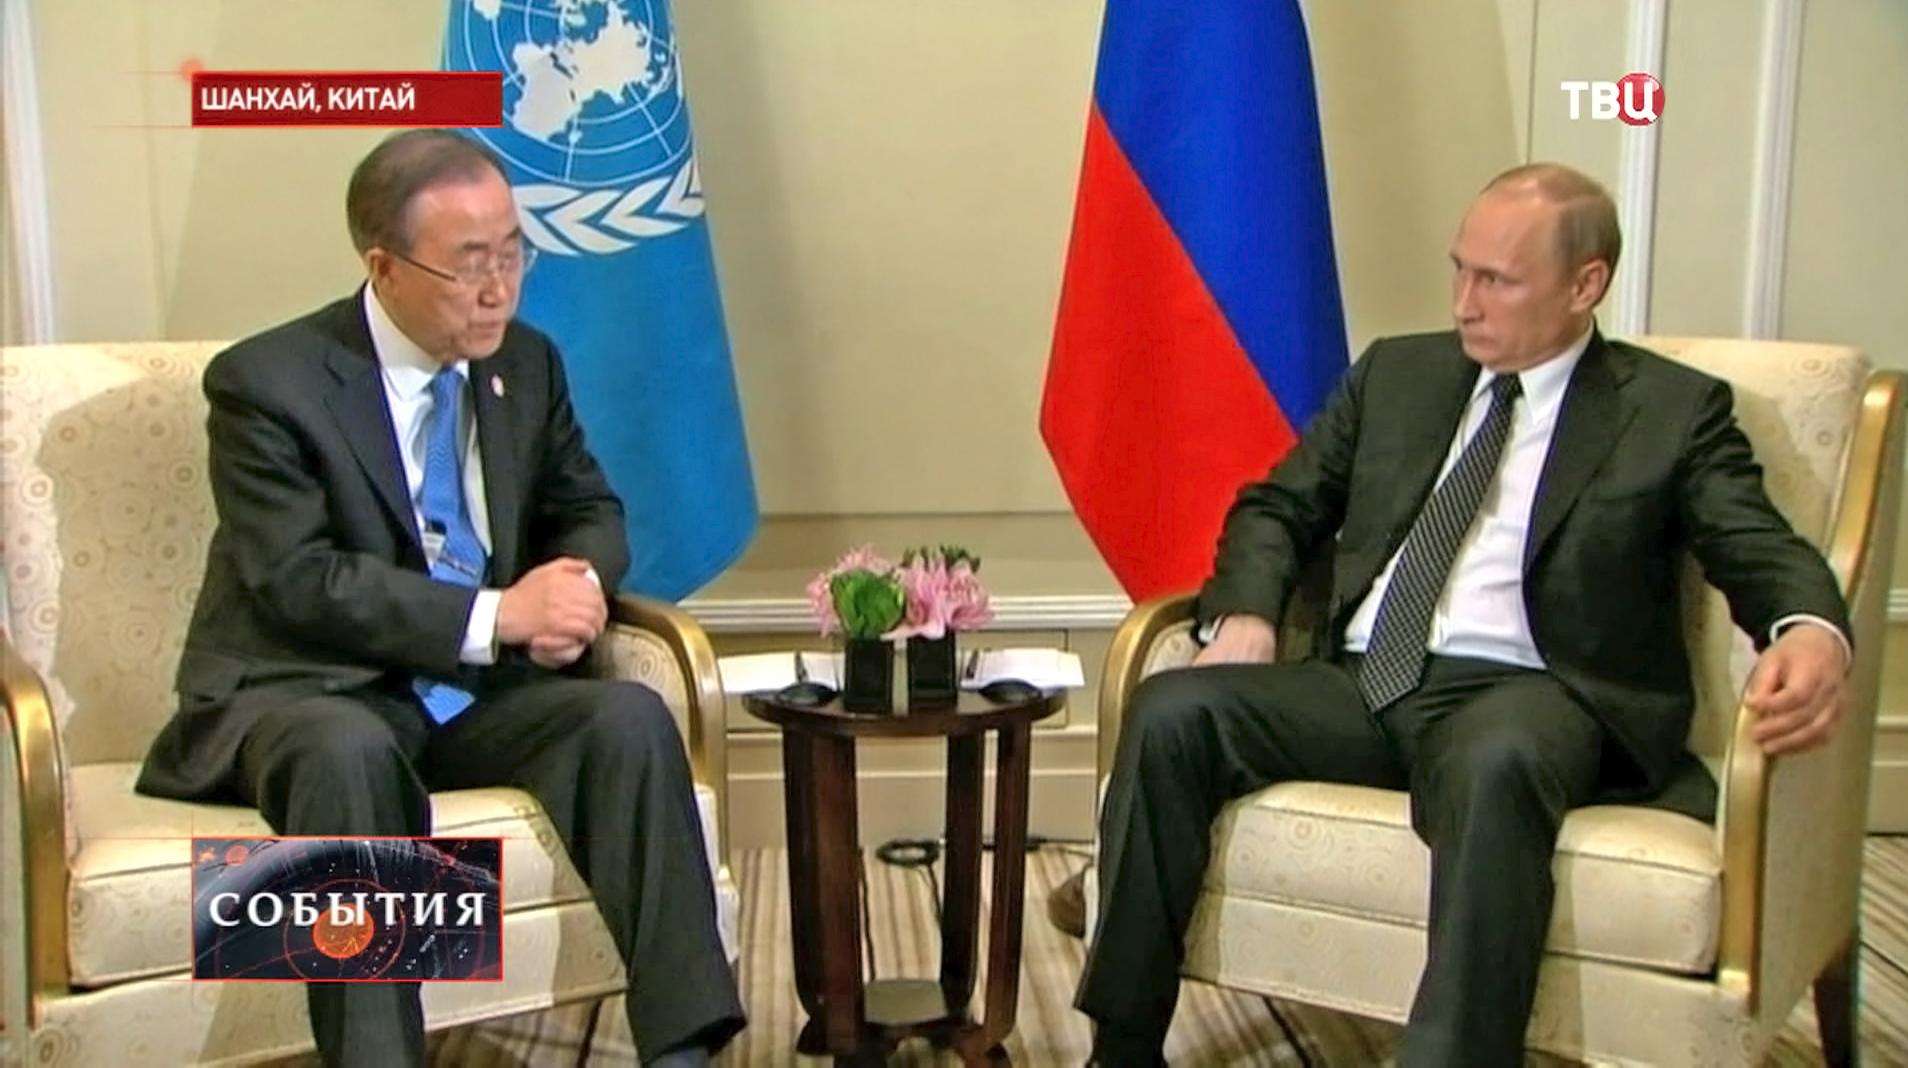 Владимир Путин и генеральный секретарь ООН Пан Ги Мун